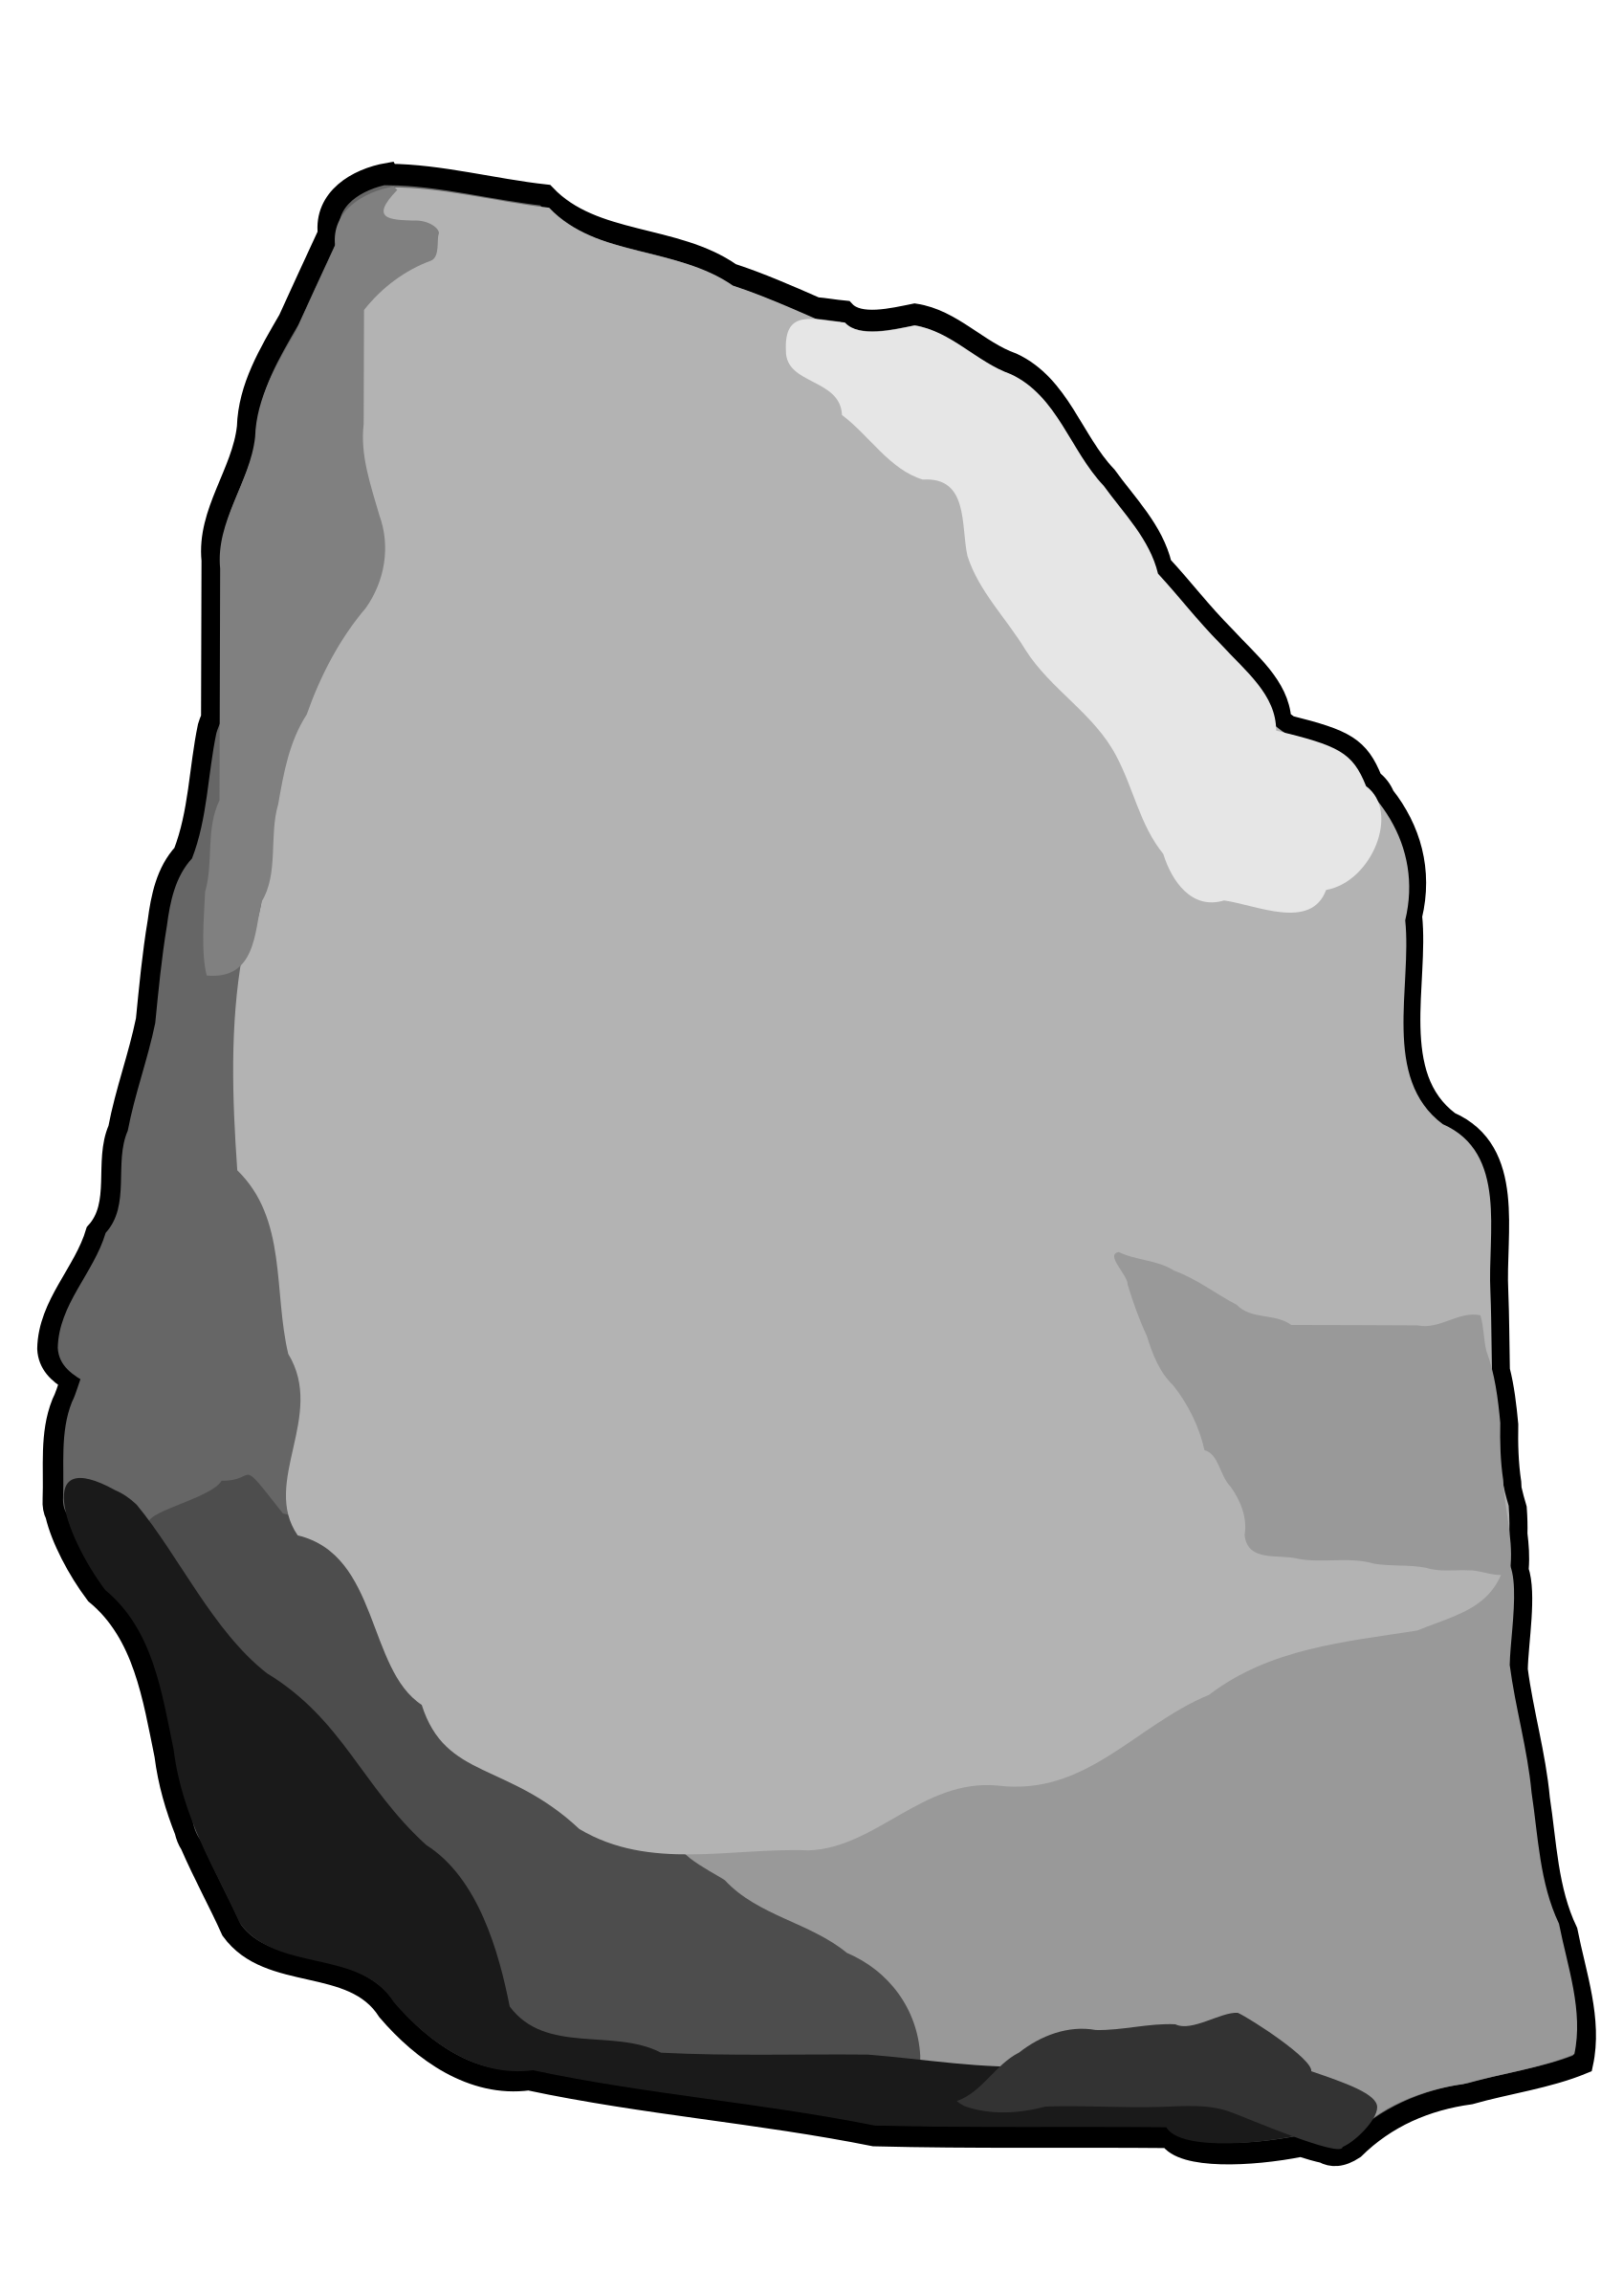 Grey stone rock.